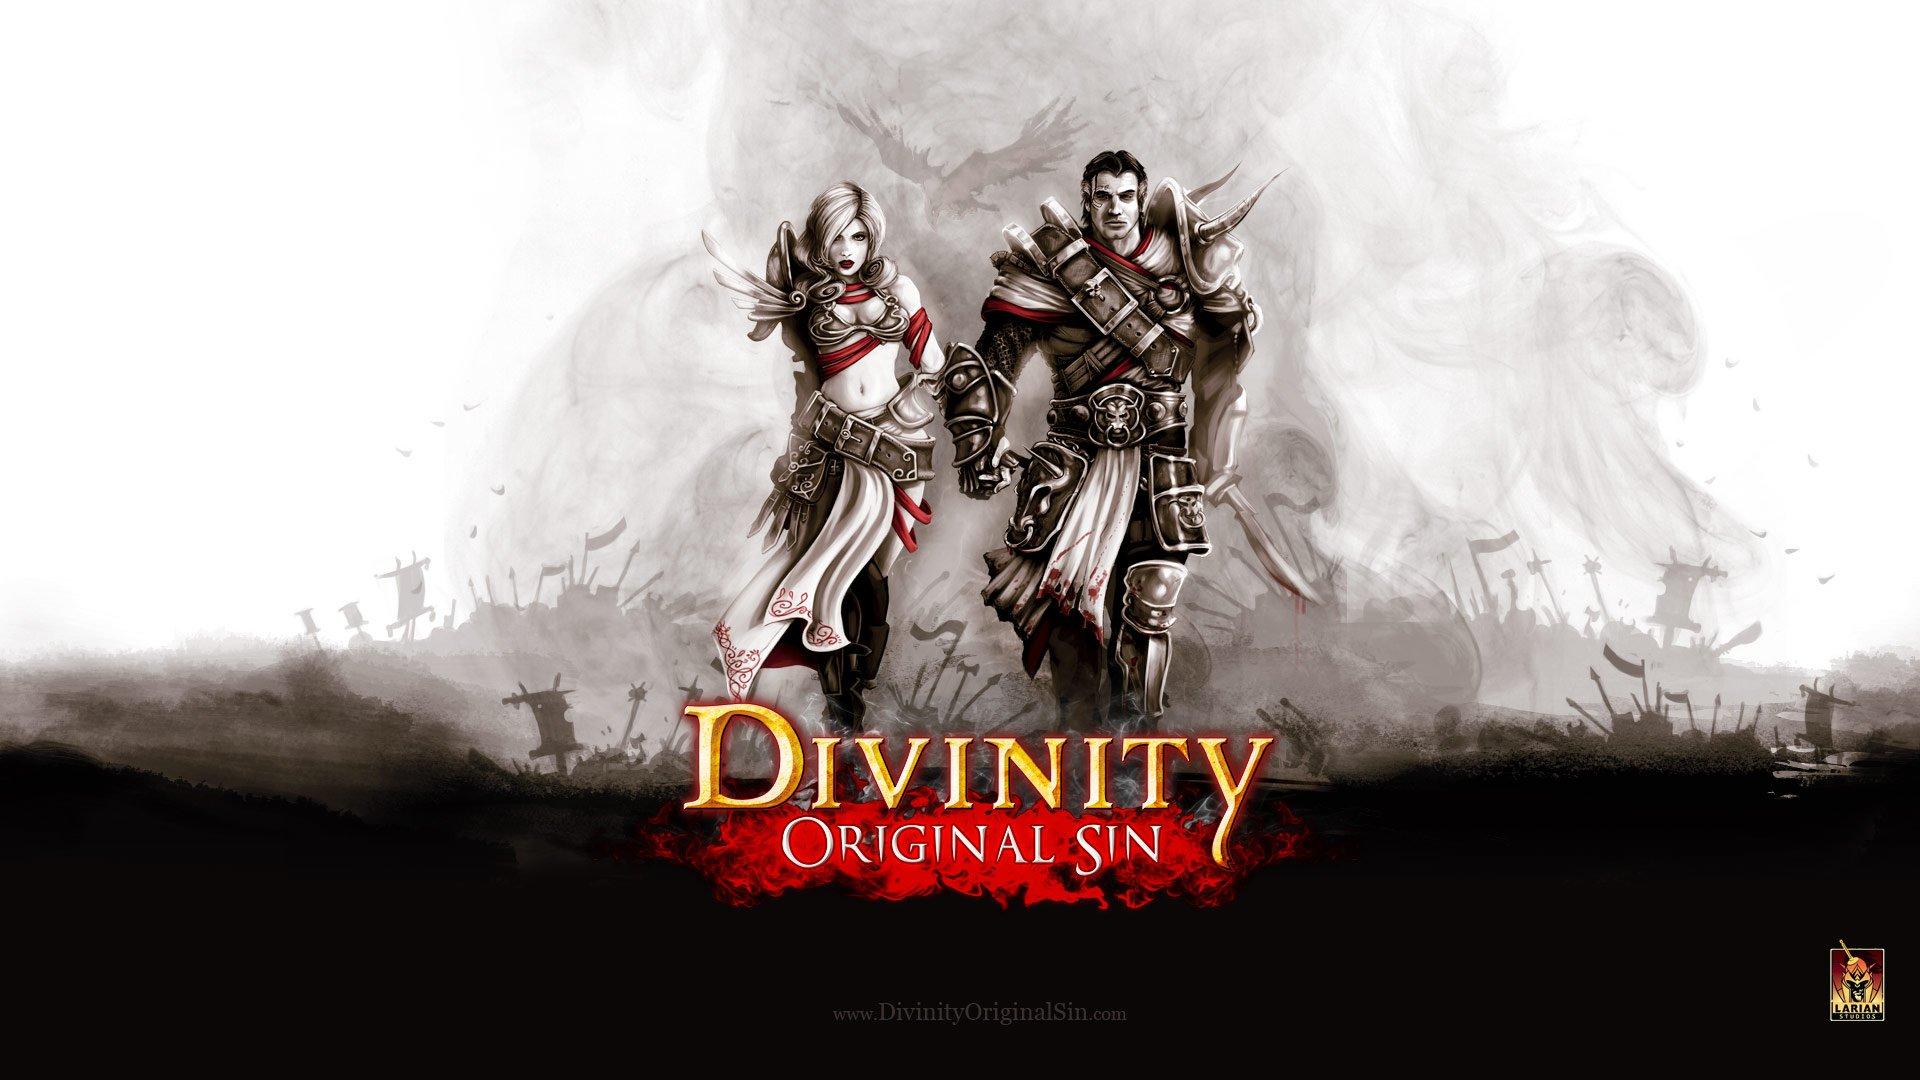 Нужен напарник в Divinity Original Sin - Изображение 1